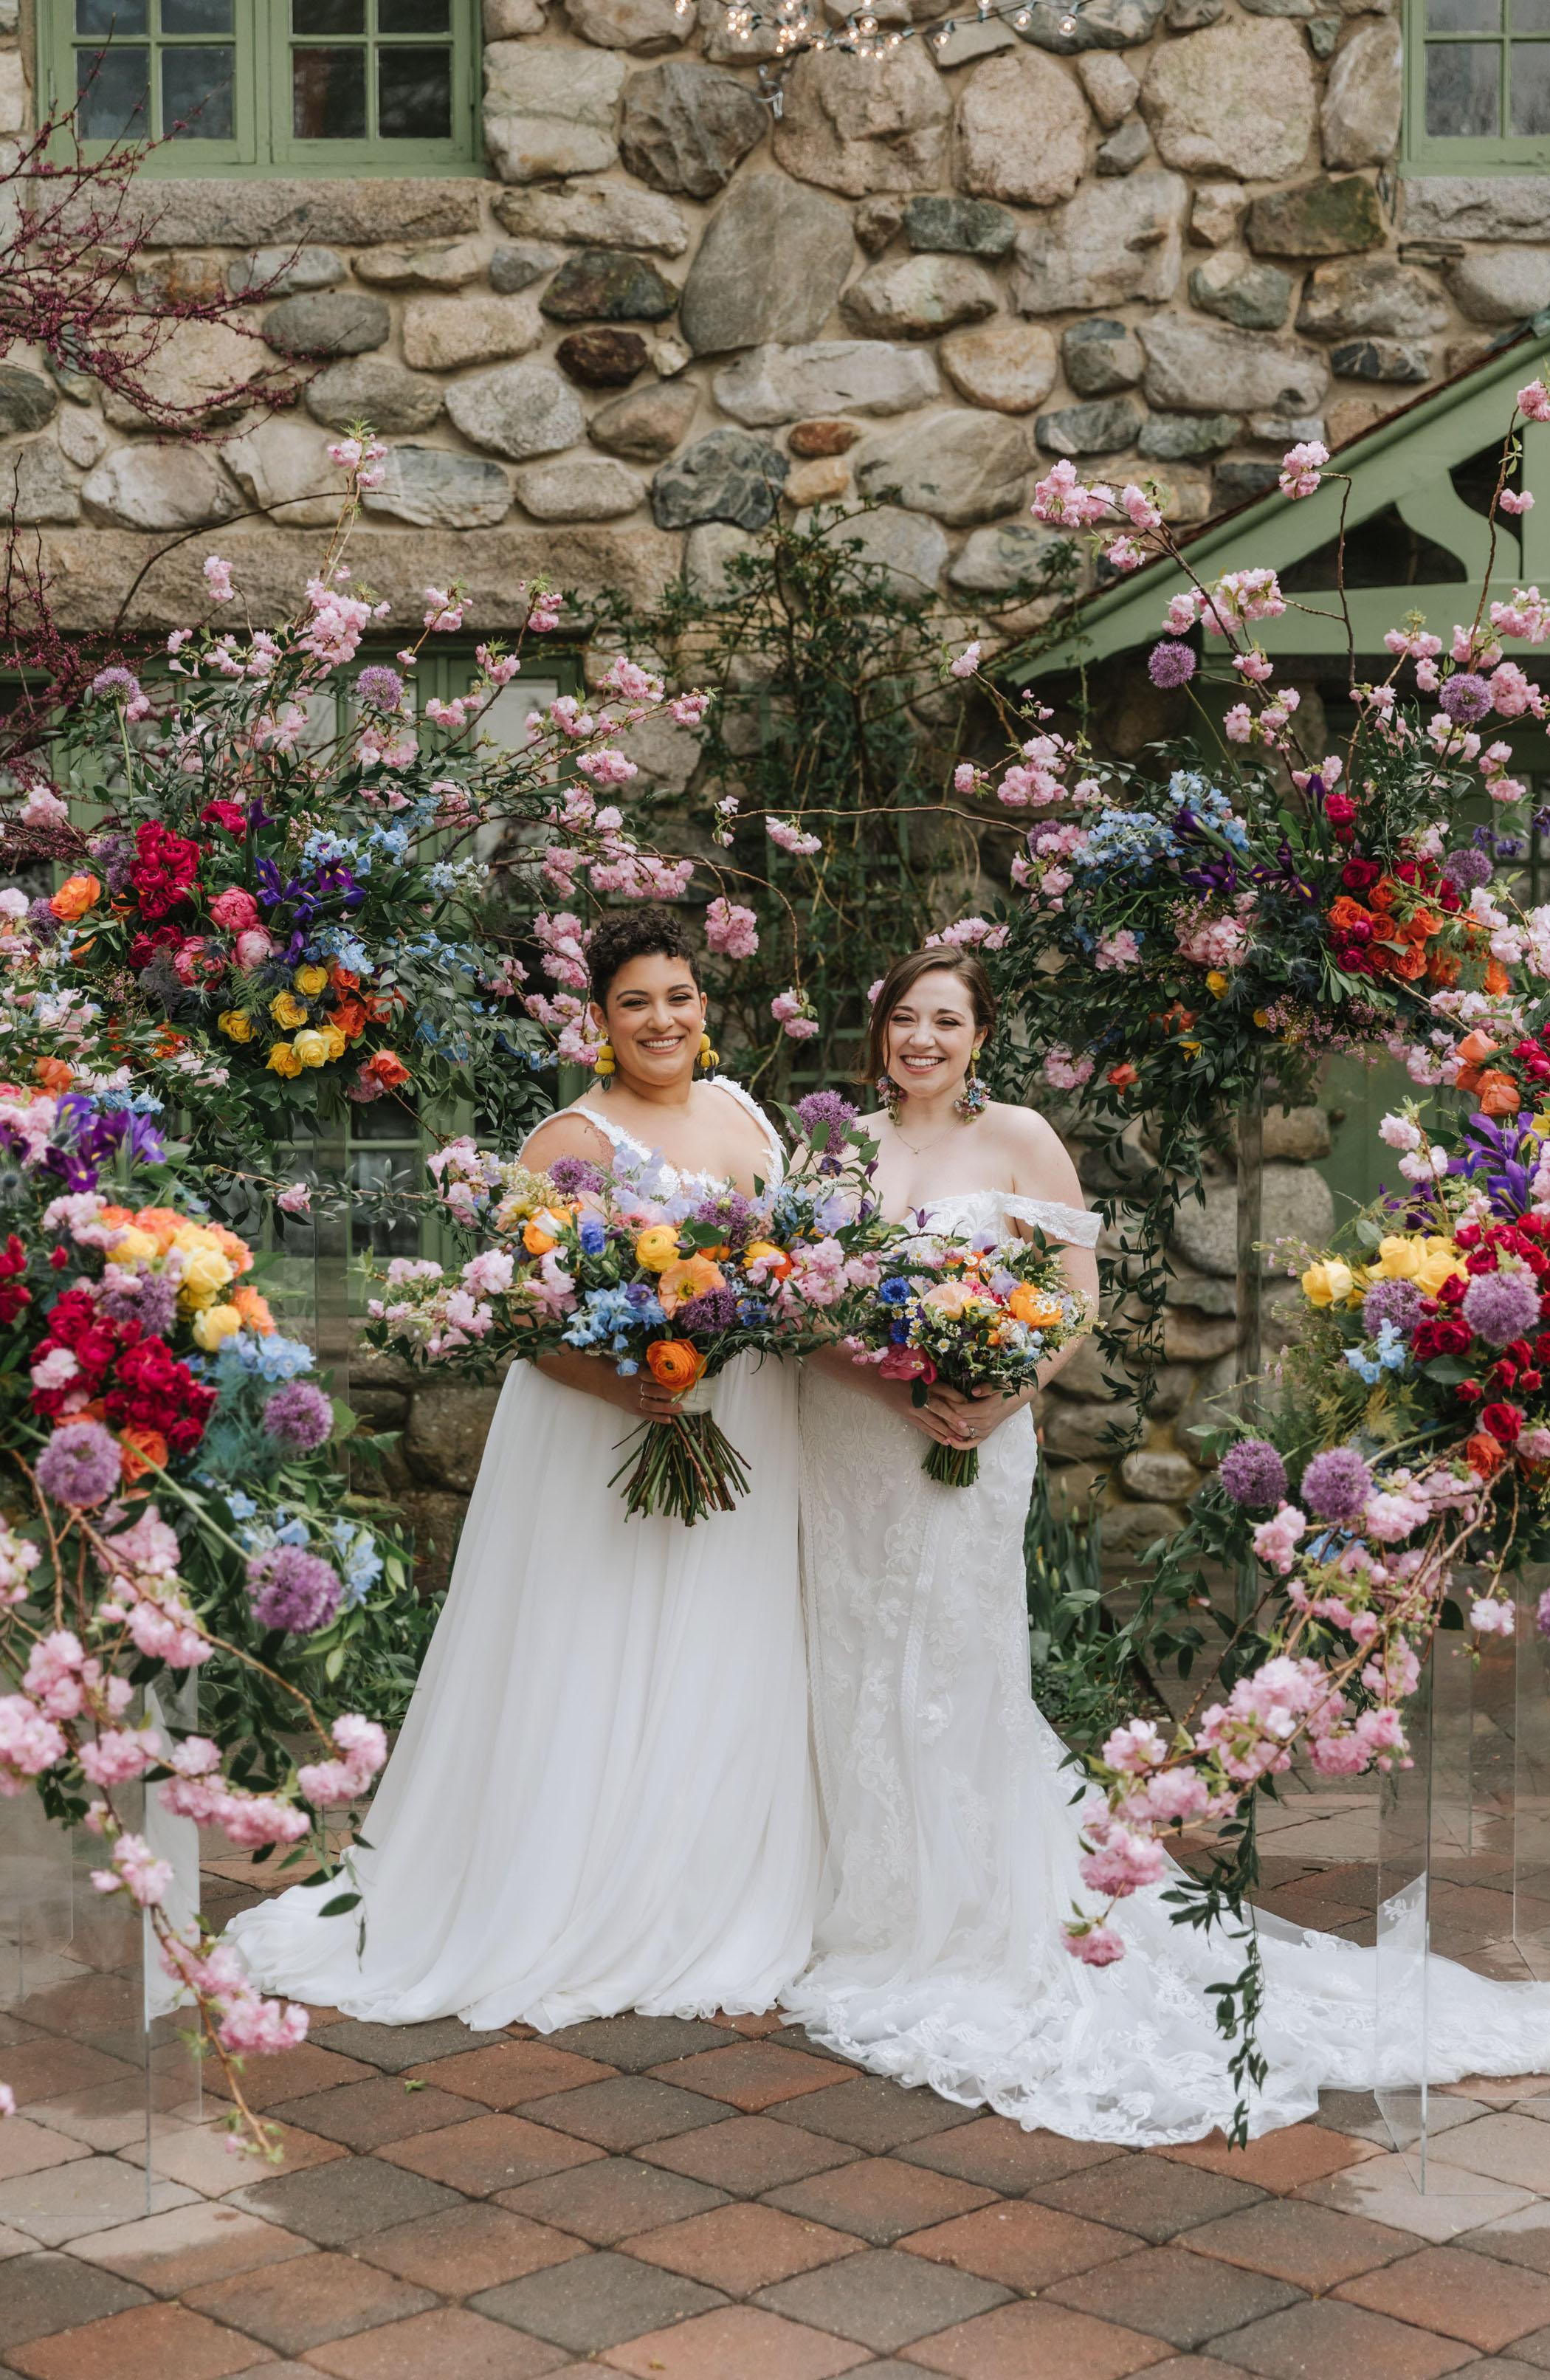 bright-wedding-color-ideas-brides